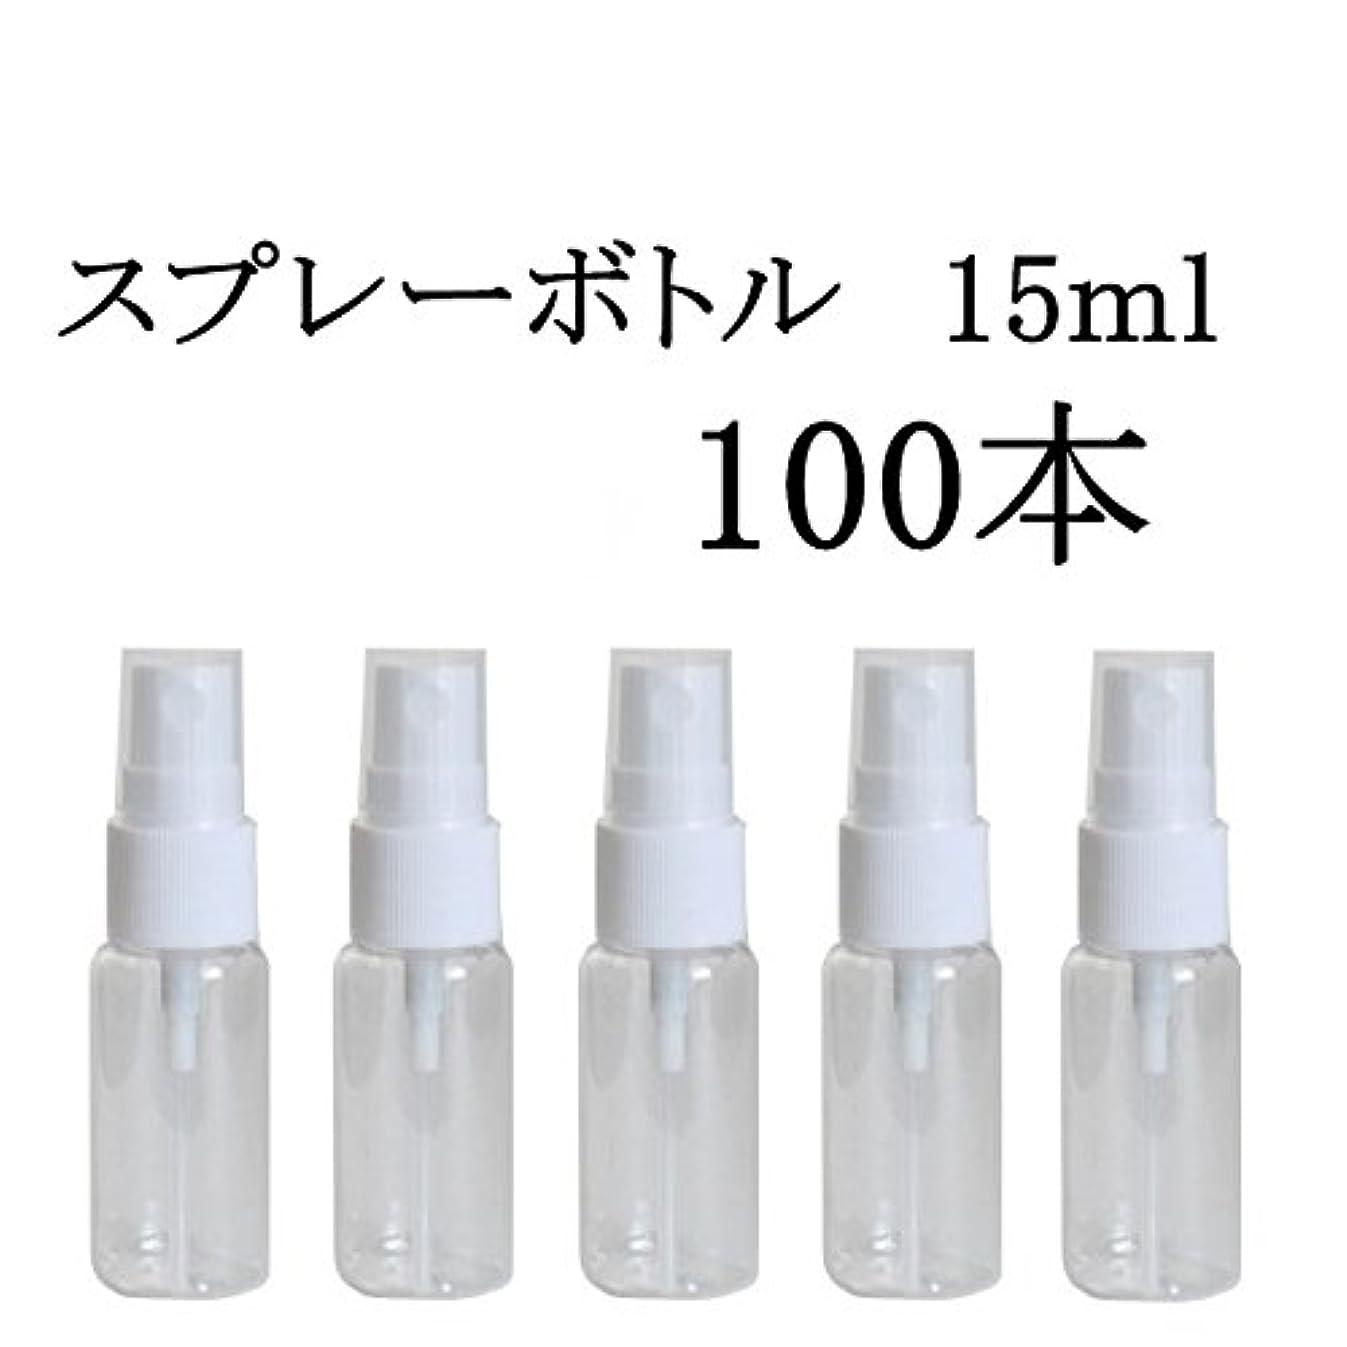 変化するあいまいサーフィンhappy fountain スプレーボトル 15ml 【100本】 プラスチック容器